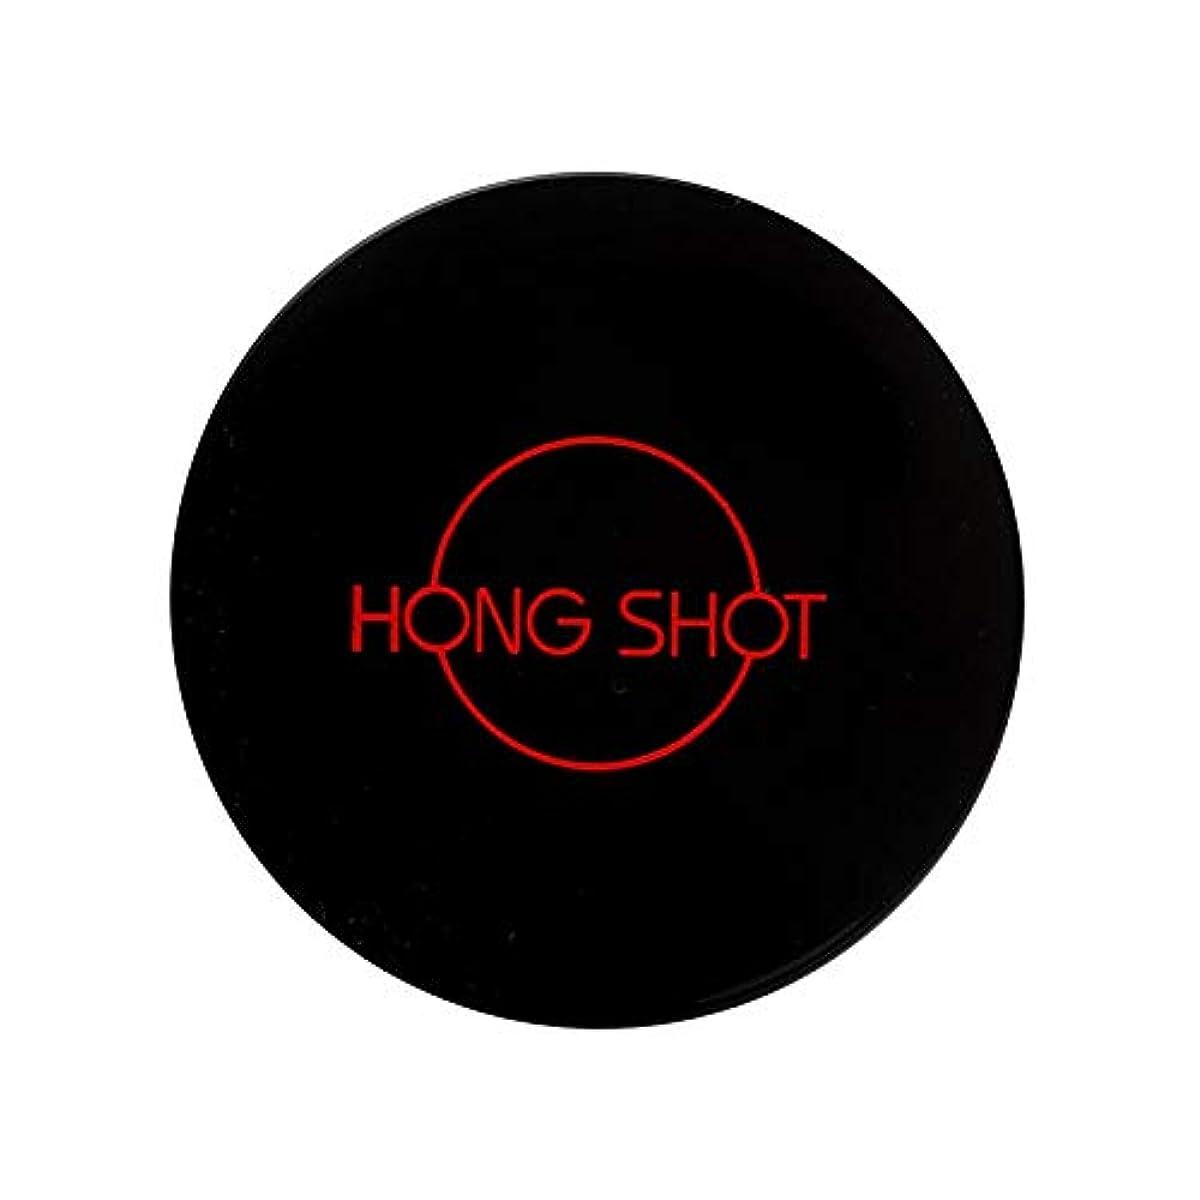 リビジョンファーザーファージュ摂動[HONG SHOT] ホンシャトパワーラスティングコンシルファクト 16g / HONGSHOT POWER LASTING CONCEAL PACT 16g / Hongjinyoung PACT [並行輸入品] (...